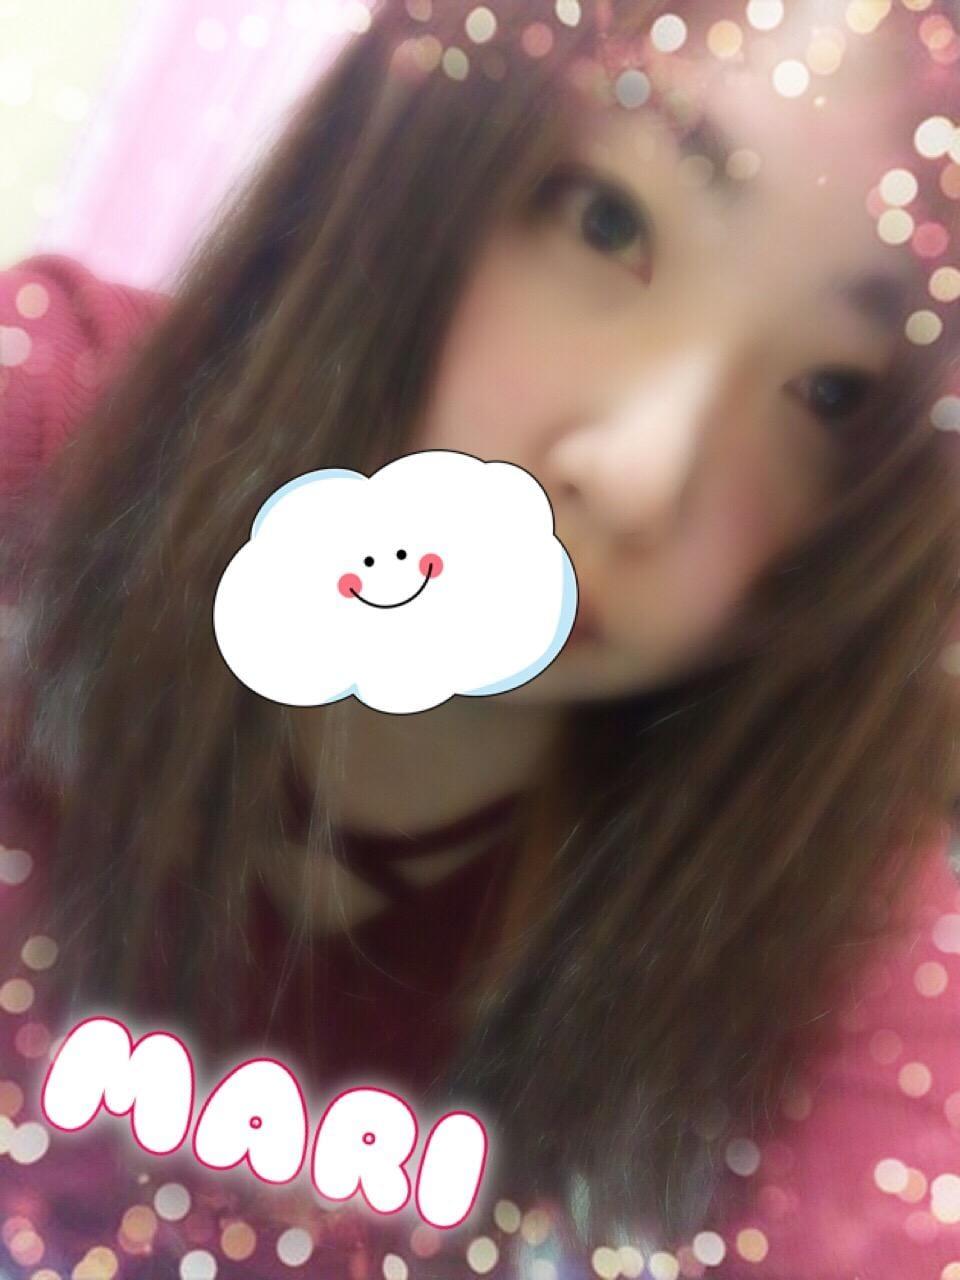 まり「出勤してるよーᐠ( ´ᐞ` )」05/20(日) 11:27 | まりの写メ・風俗動画